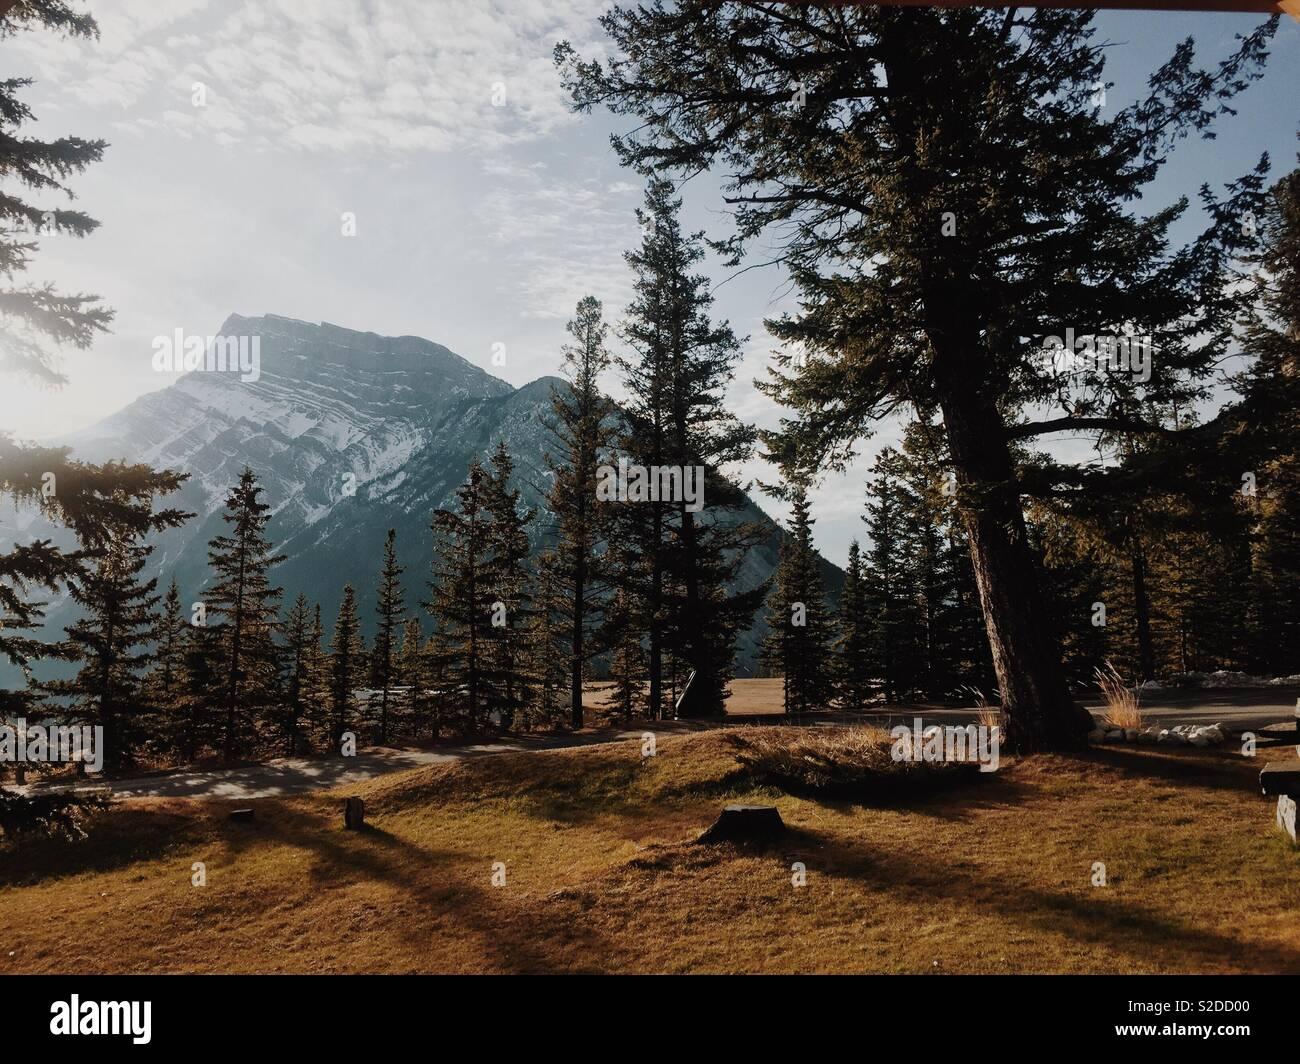 Vista da Montanha através das árvores, Banff Imagens de Stock